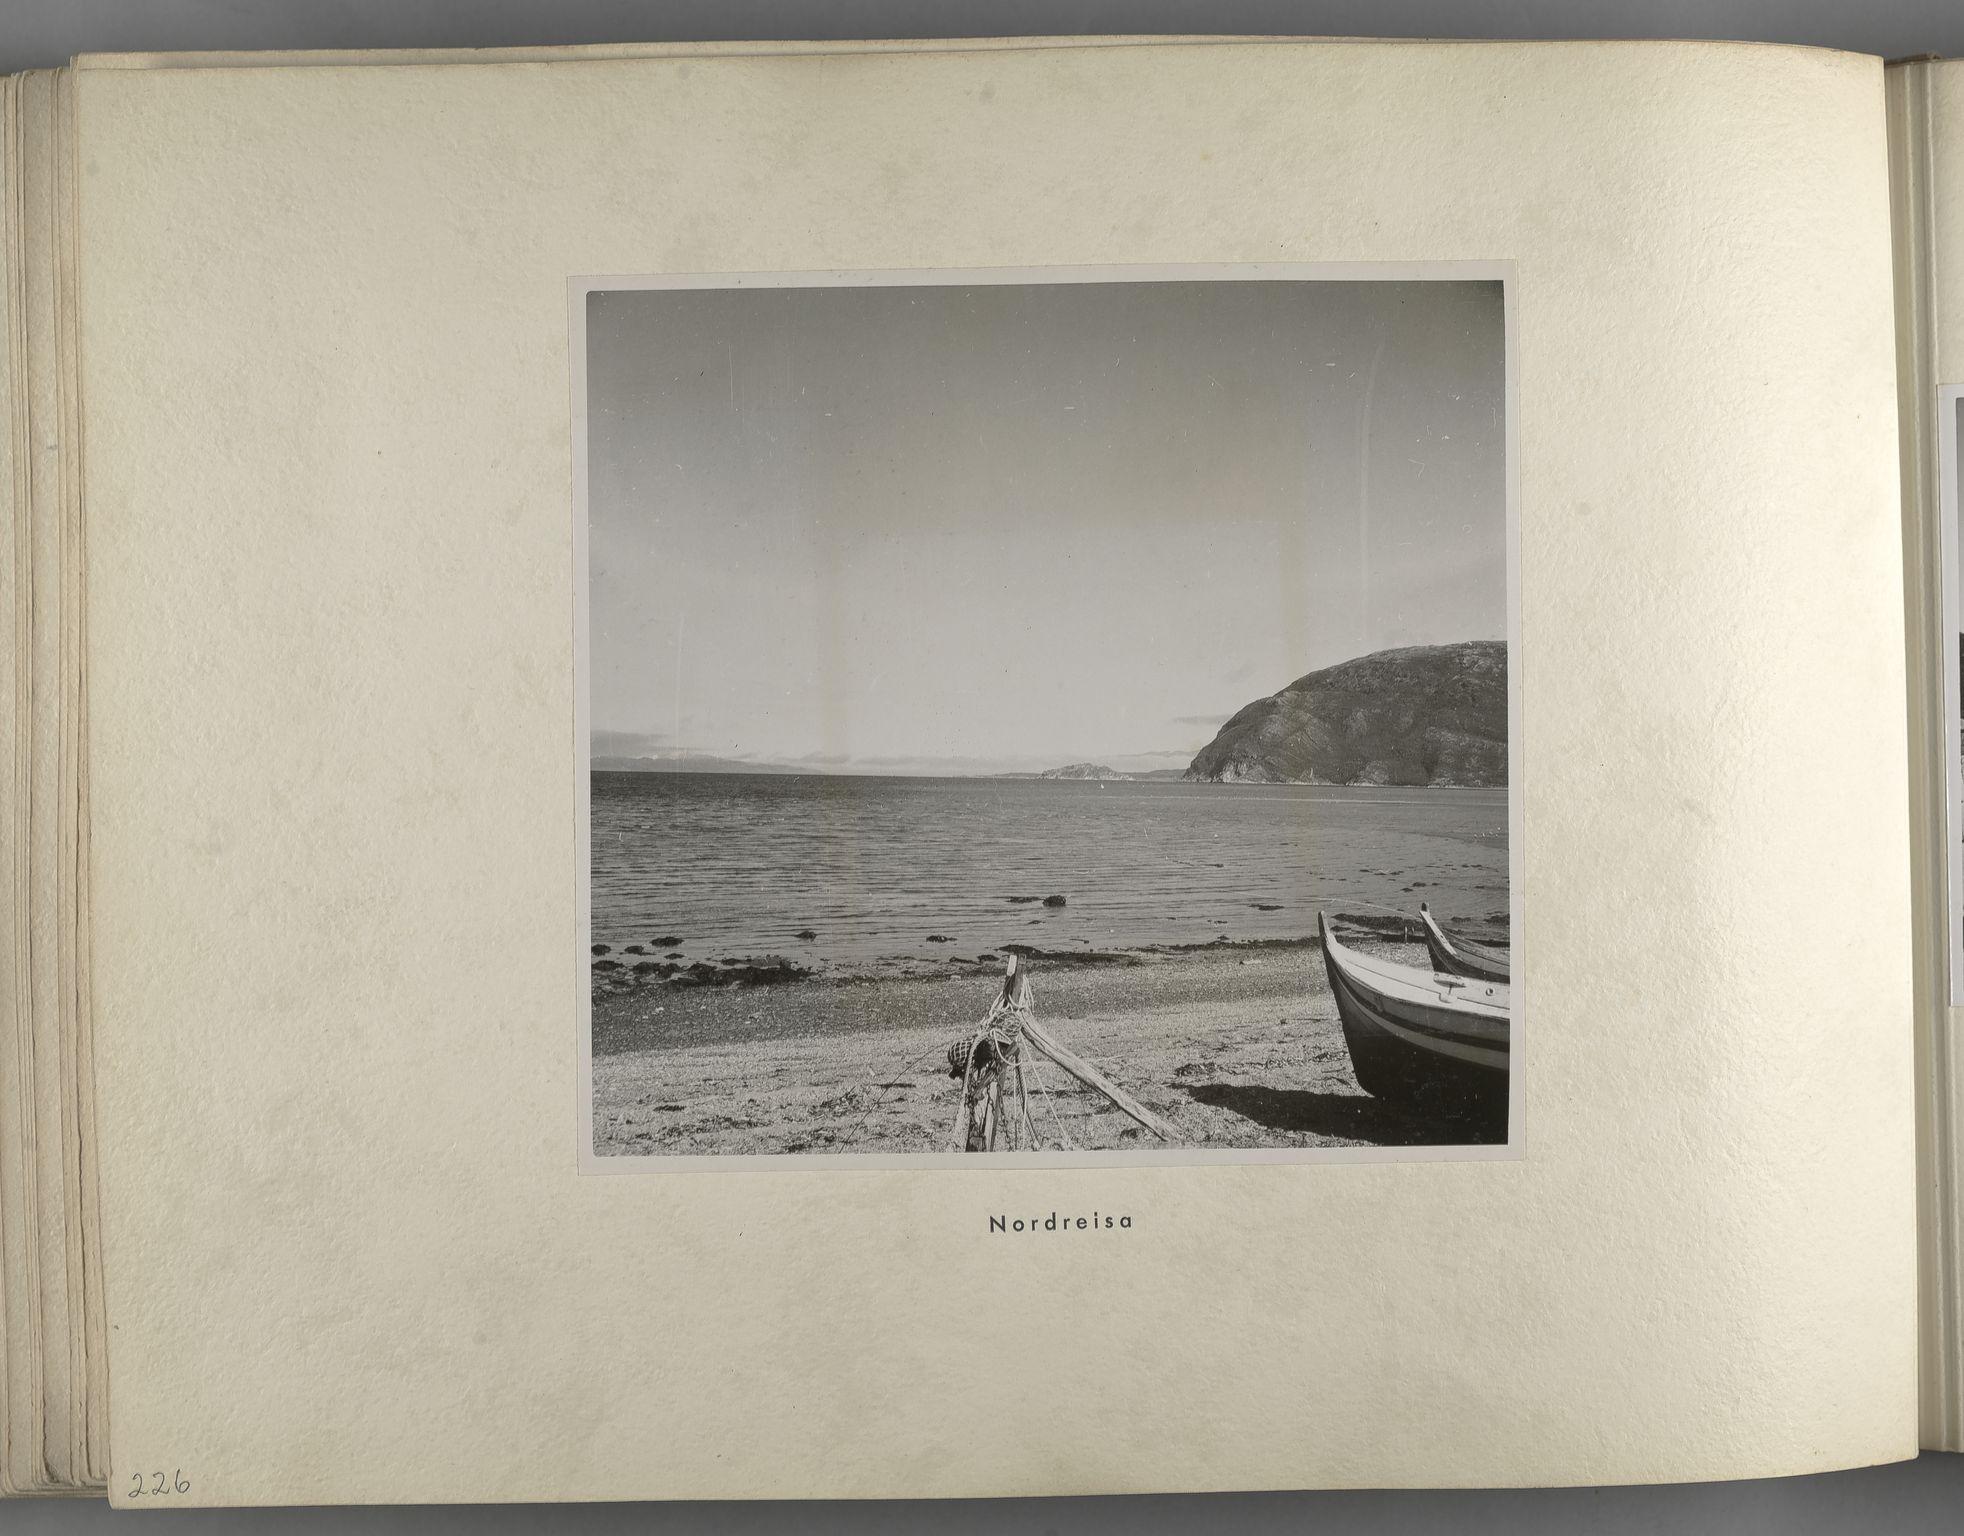 RA, Tyske arkiver, Reichskommissariat, Bildarchiv, U/L0071: Fotoalbum: Mit dem Reichskommissar nach Nordnorwegen und Finnland 10. bis 27. Juli 1942, 1942, s. 92